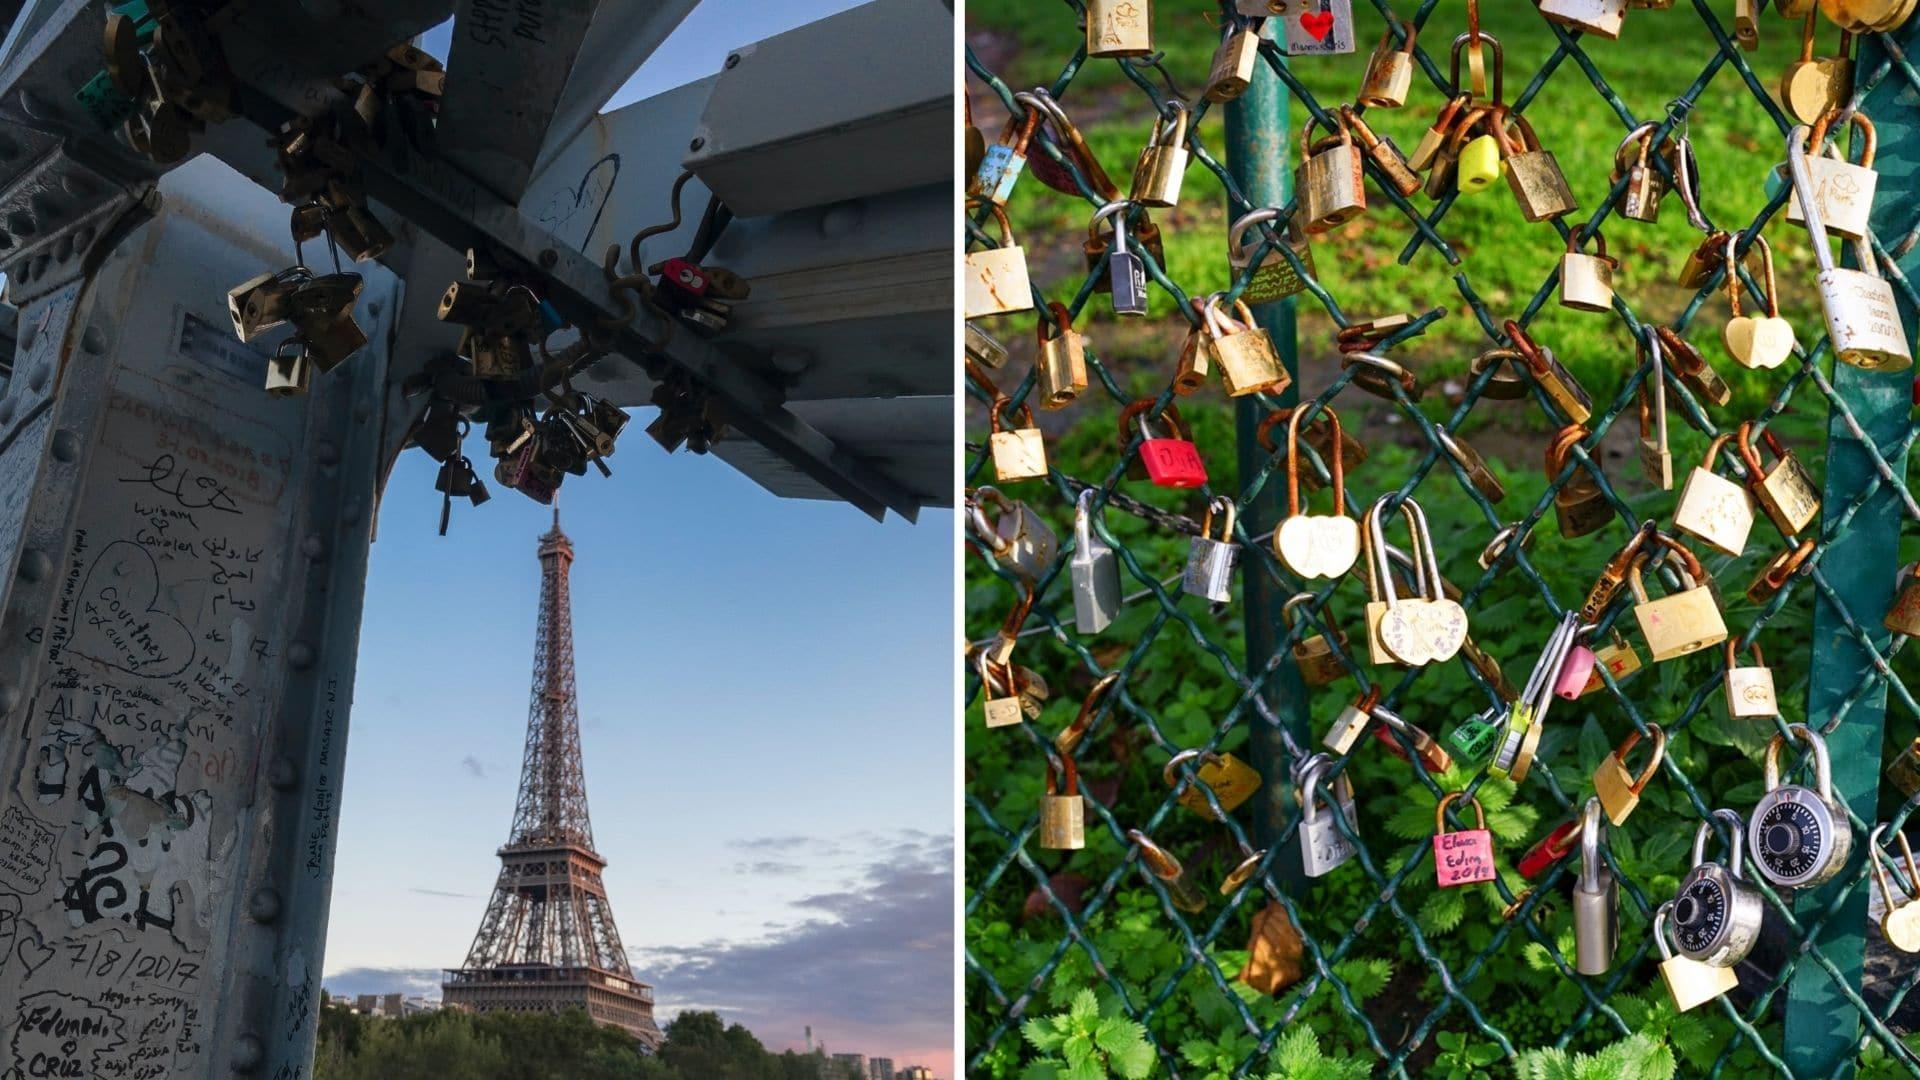 cadenas paris montmartre amour couple romantisme 1